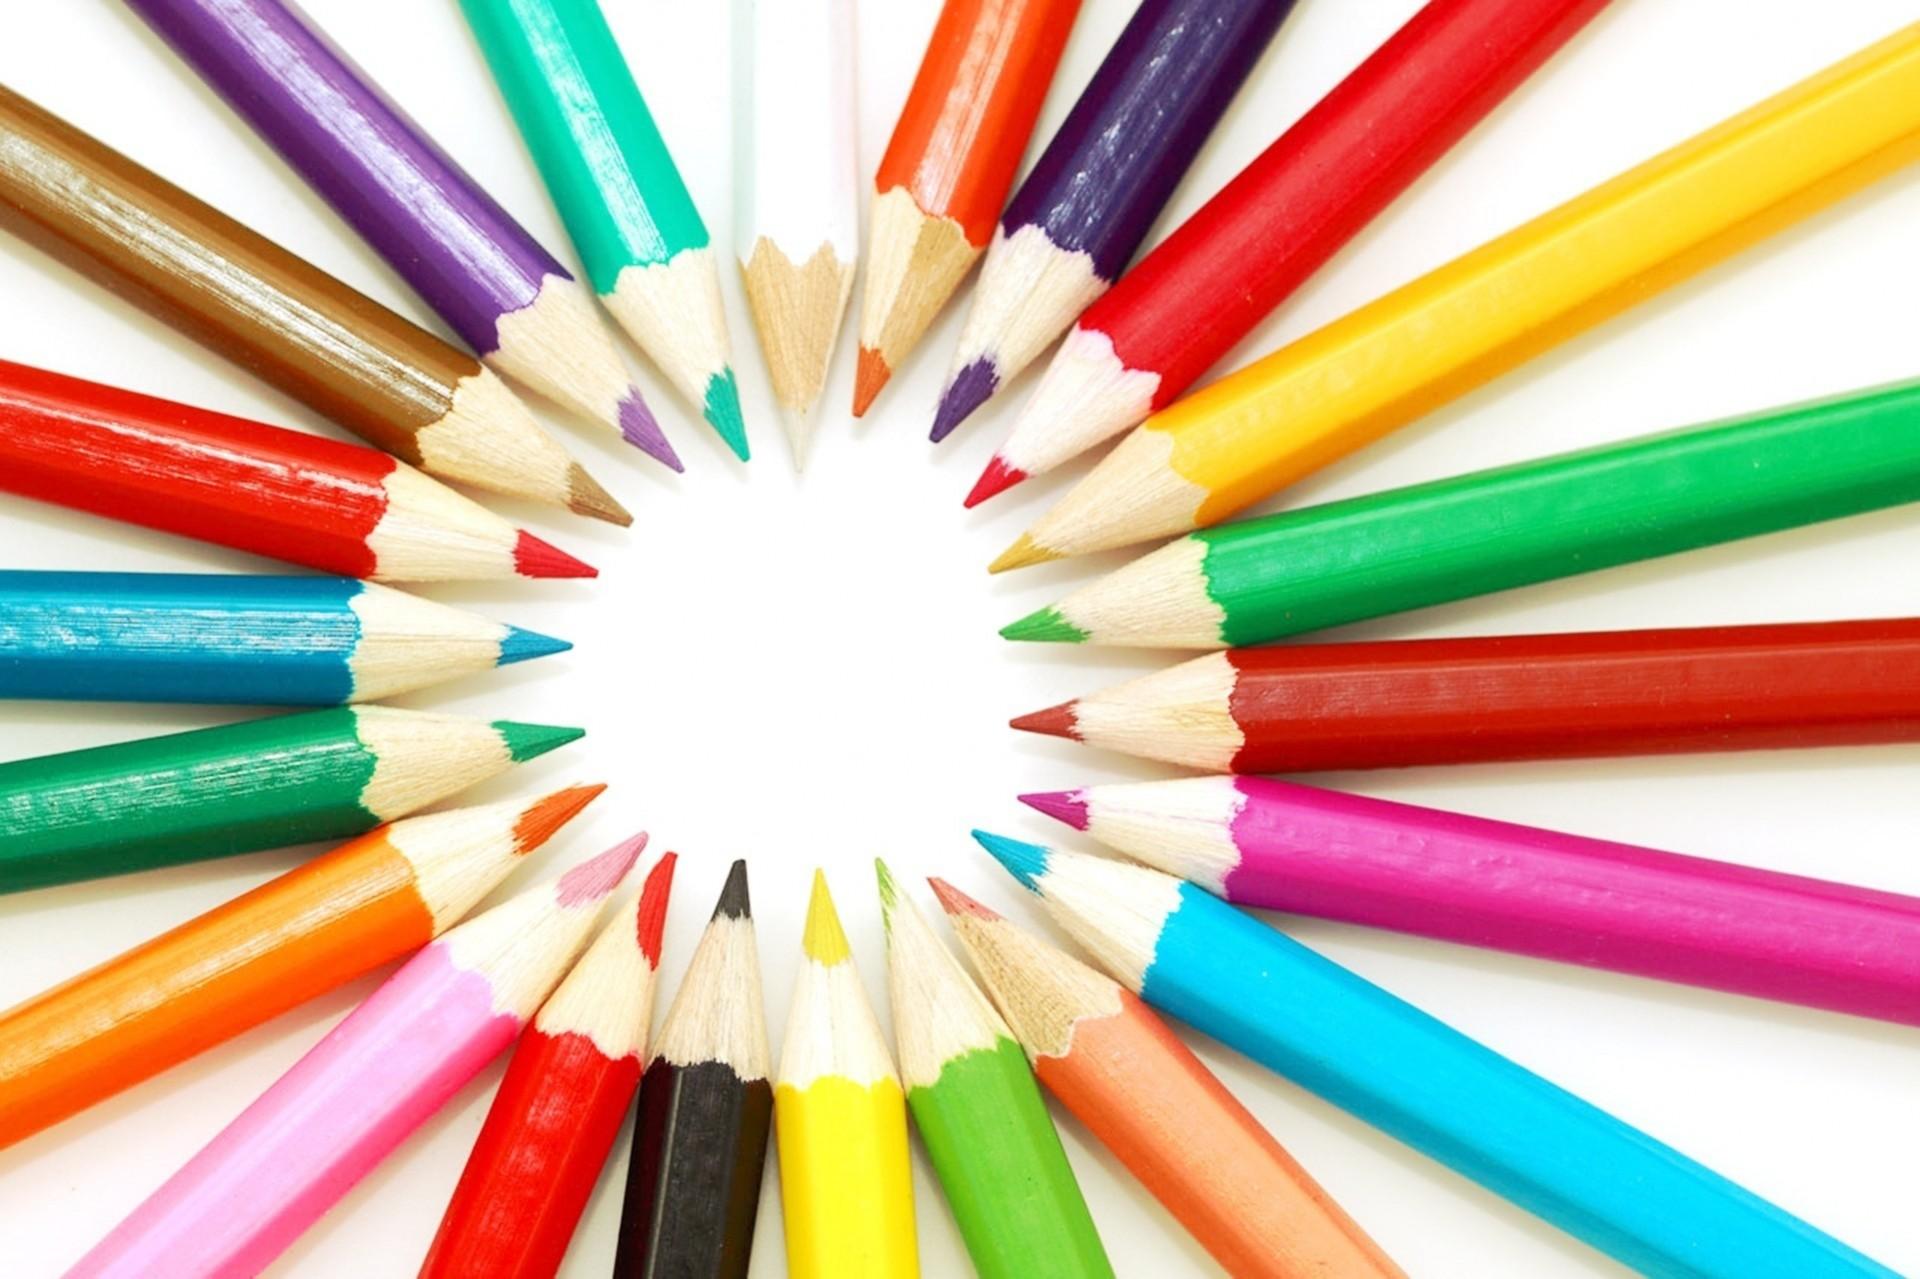 цветные карандаши крупный план color pencils large plan скачать